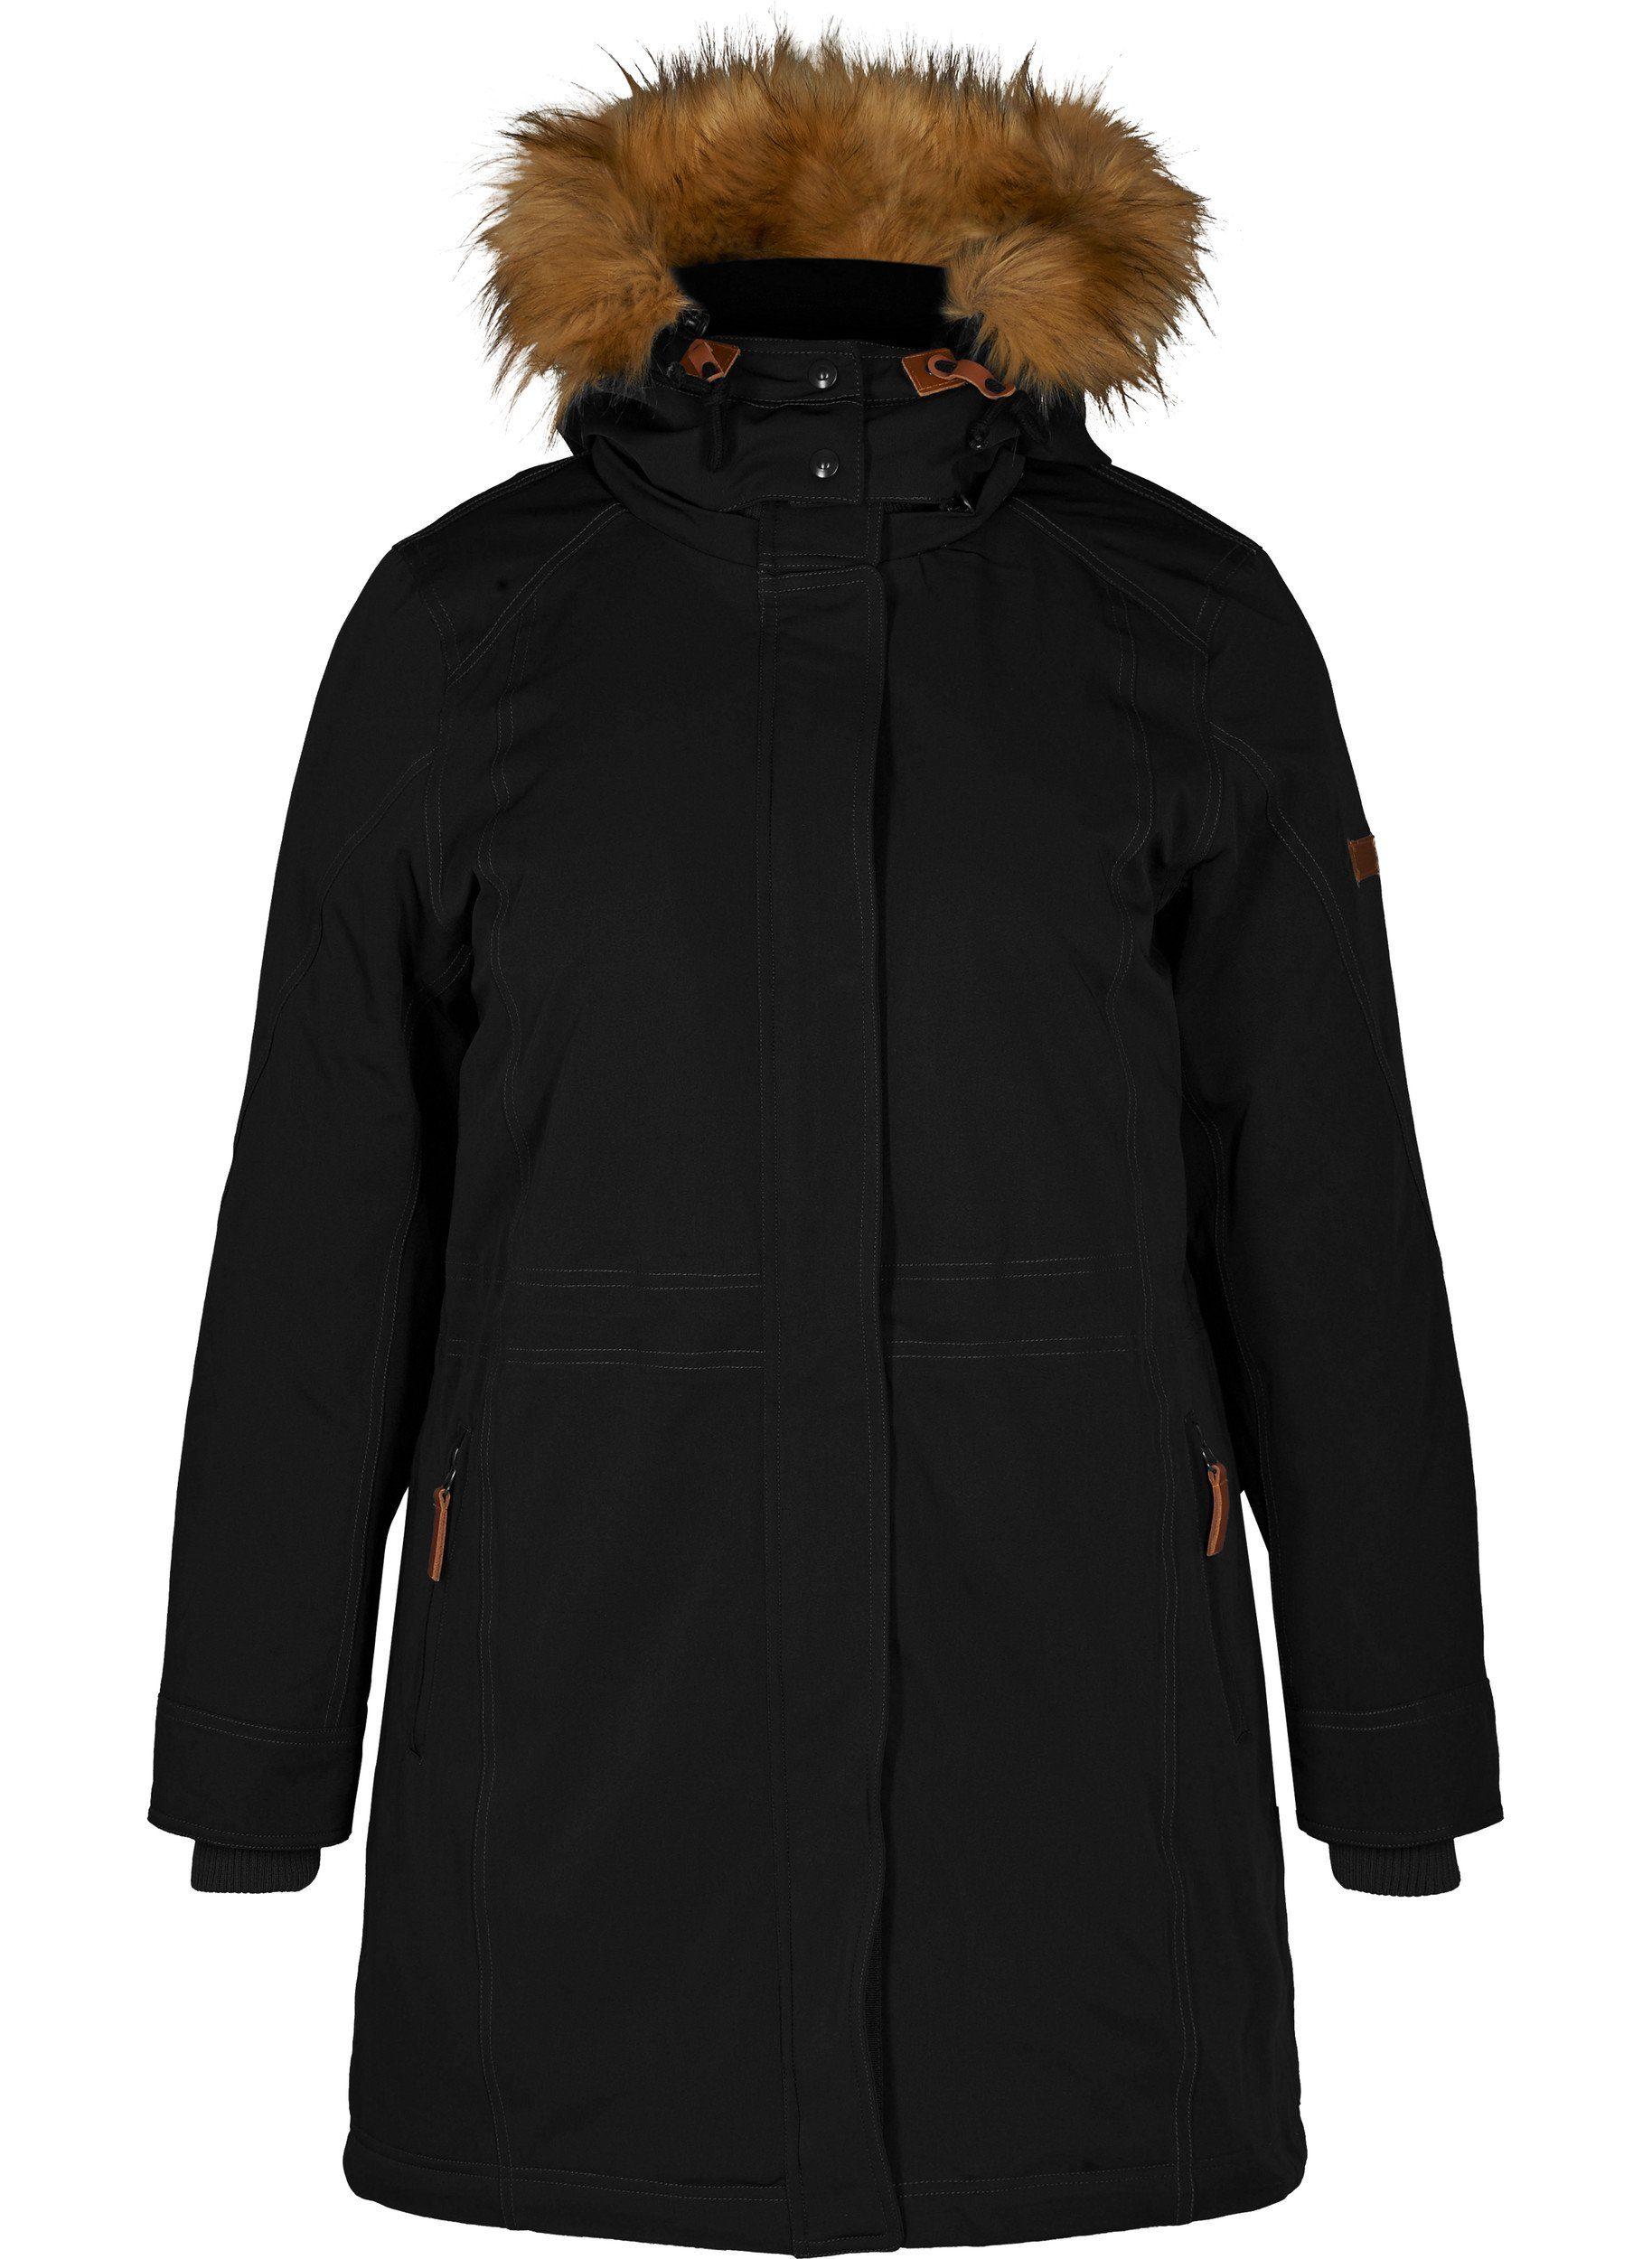 Zizzi Winterjacke Damen Große Größen Warm Kunstfellkragen Jacke, Einstellbare Taille und Saum online kaufen | OTTO